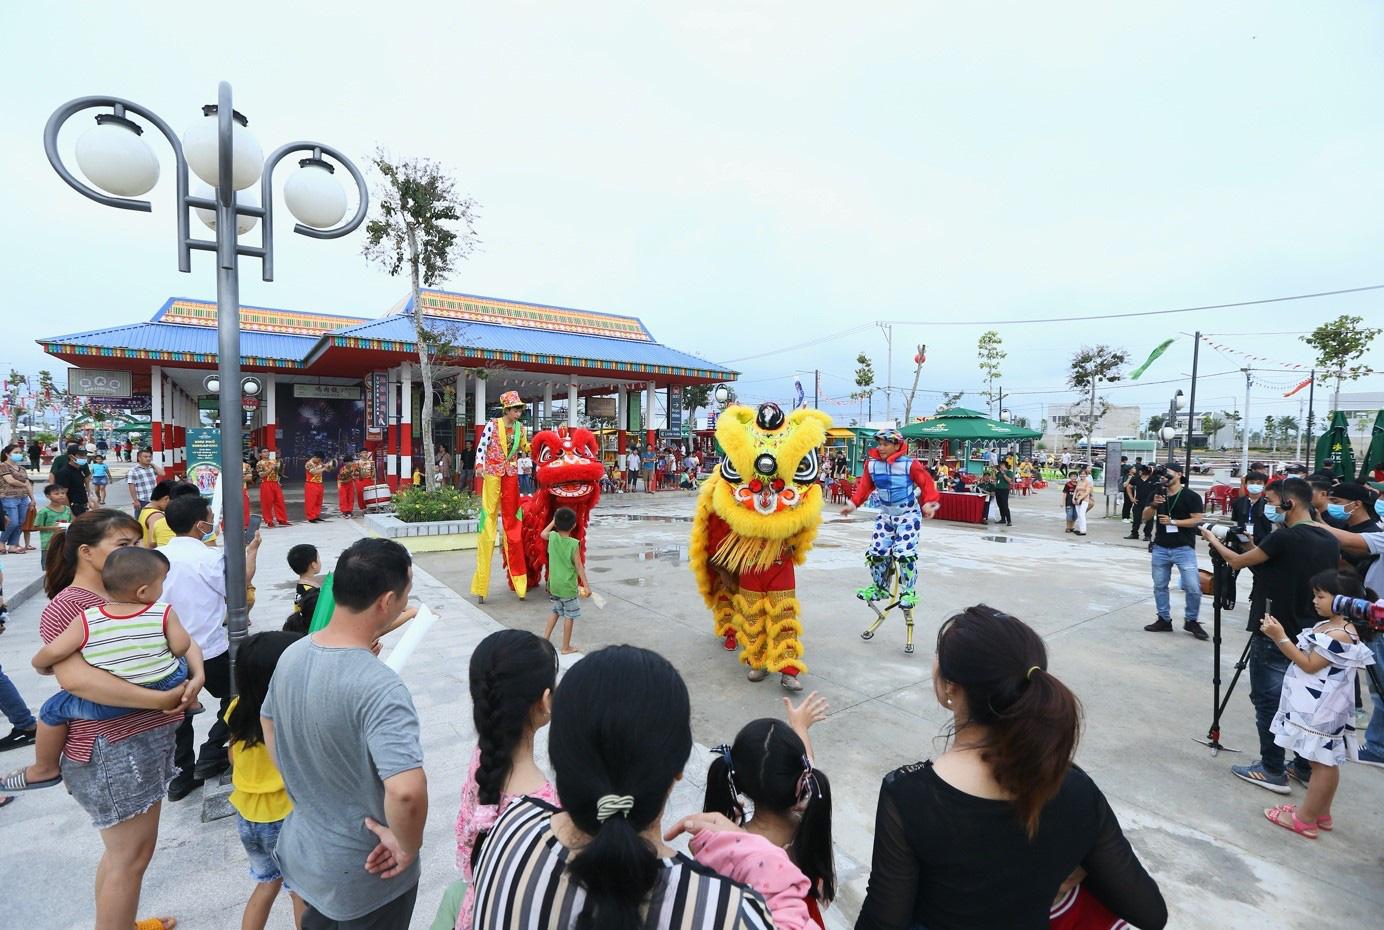 Chính thức khánh thành Khu kinh tế đêm đầu tiên tại thành phố Đồng Xoài - Ảnh 1.